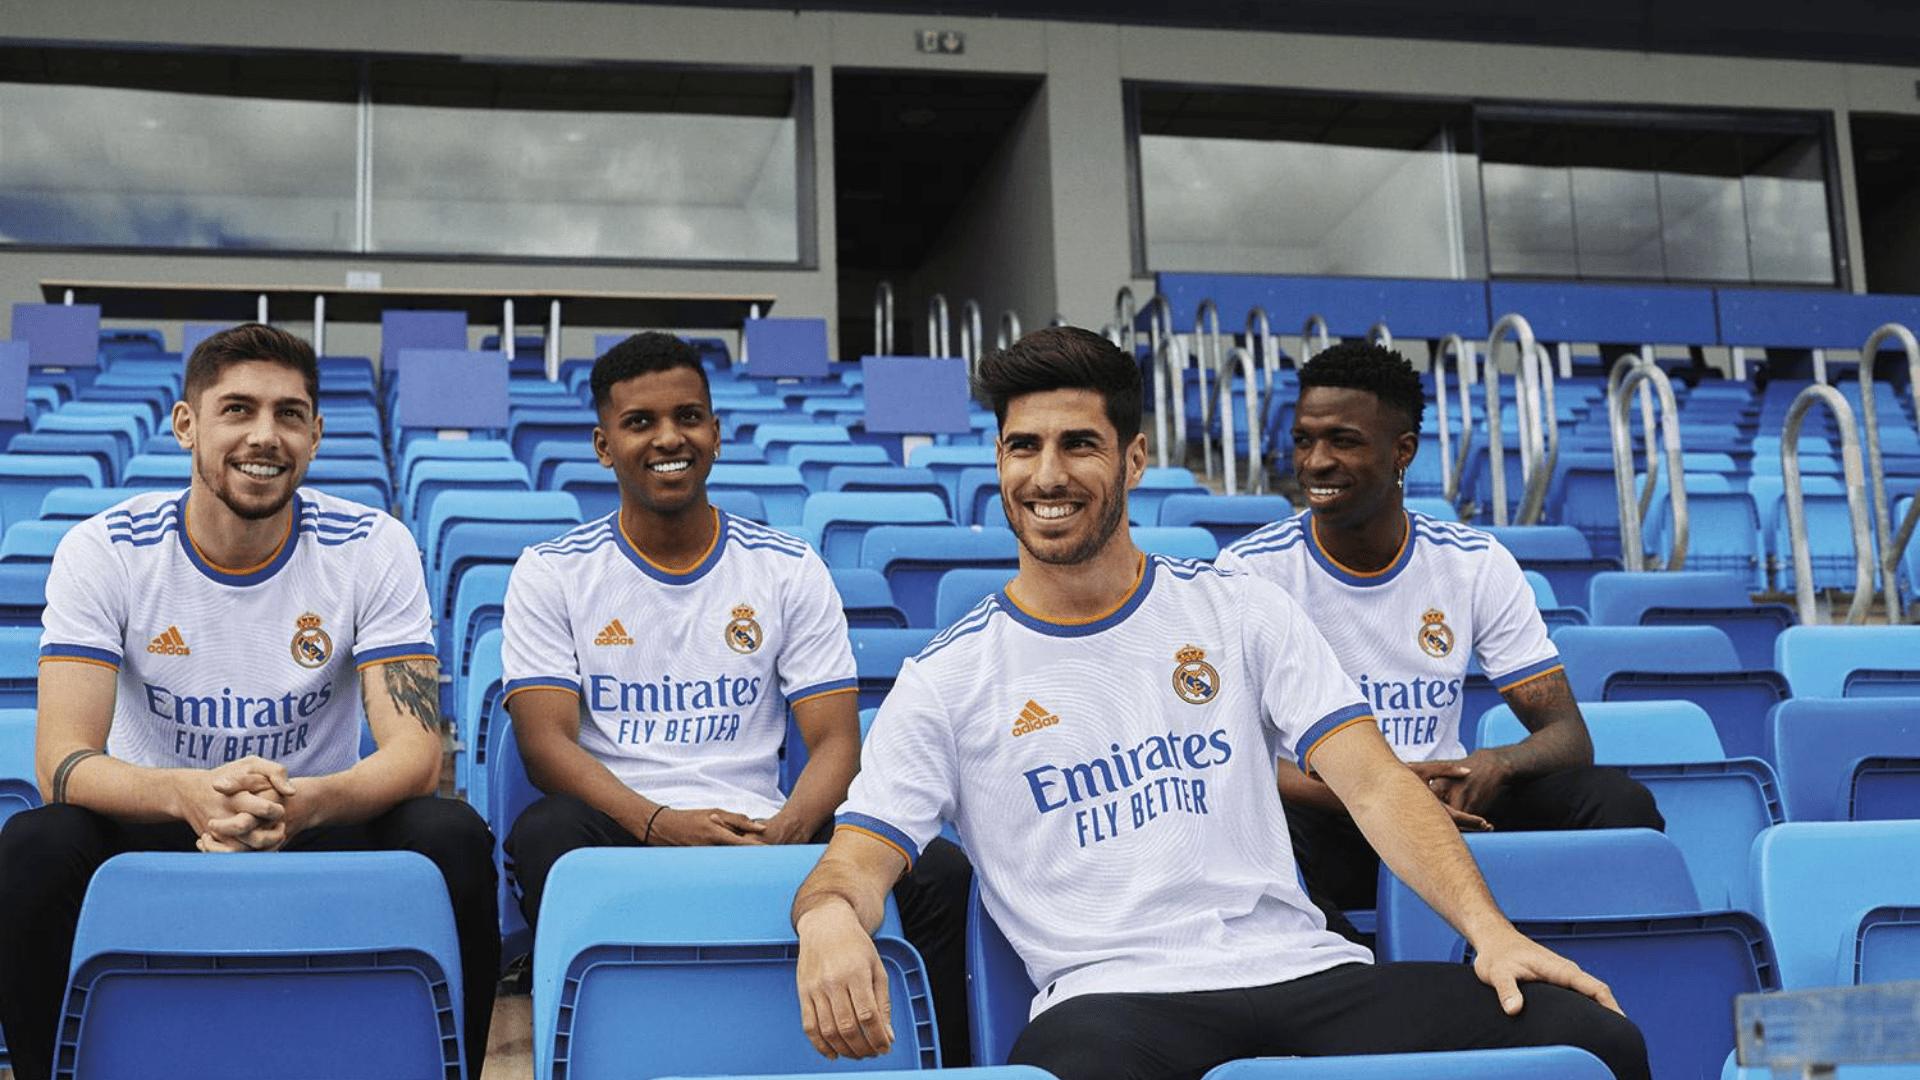 Conheça os modelos de camisa do Real Madrid para comprar em 2021! (Imagem: Divulgação/Adidas)